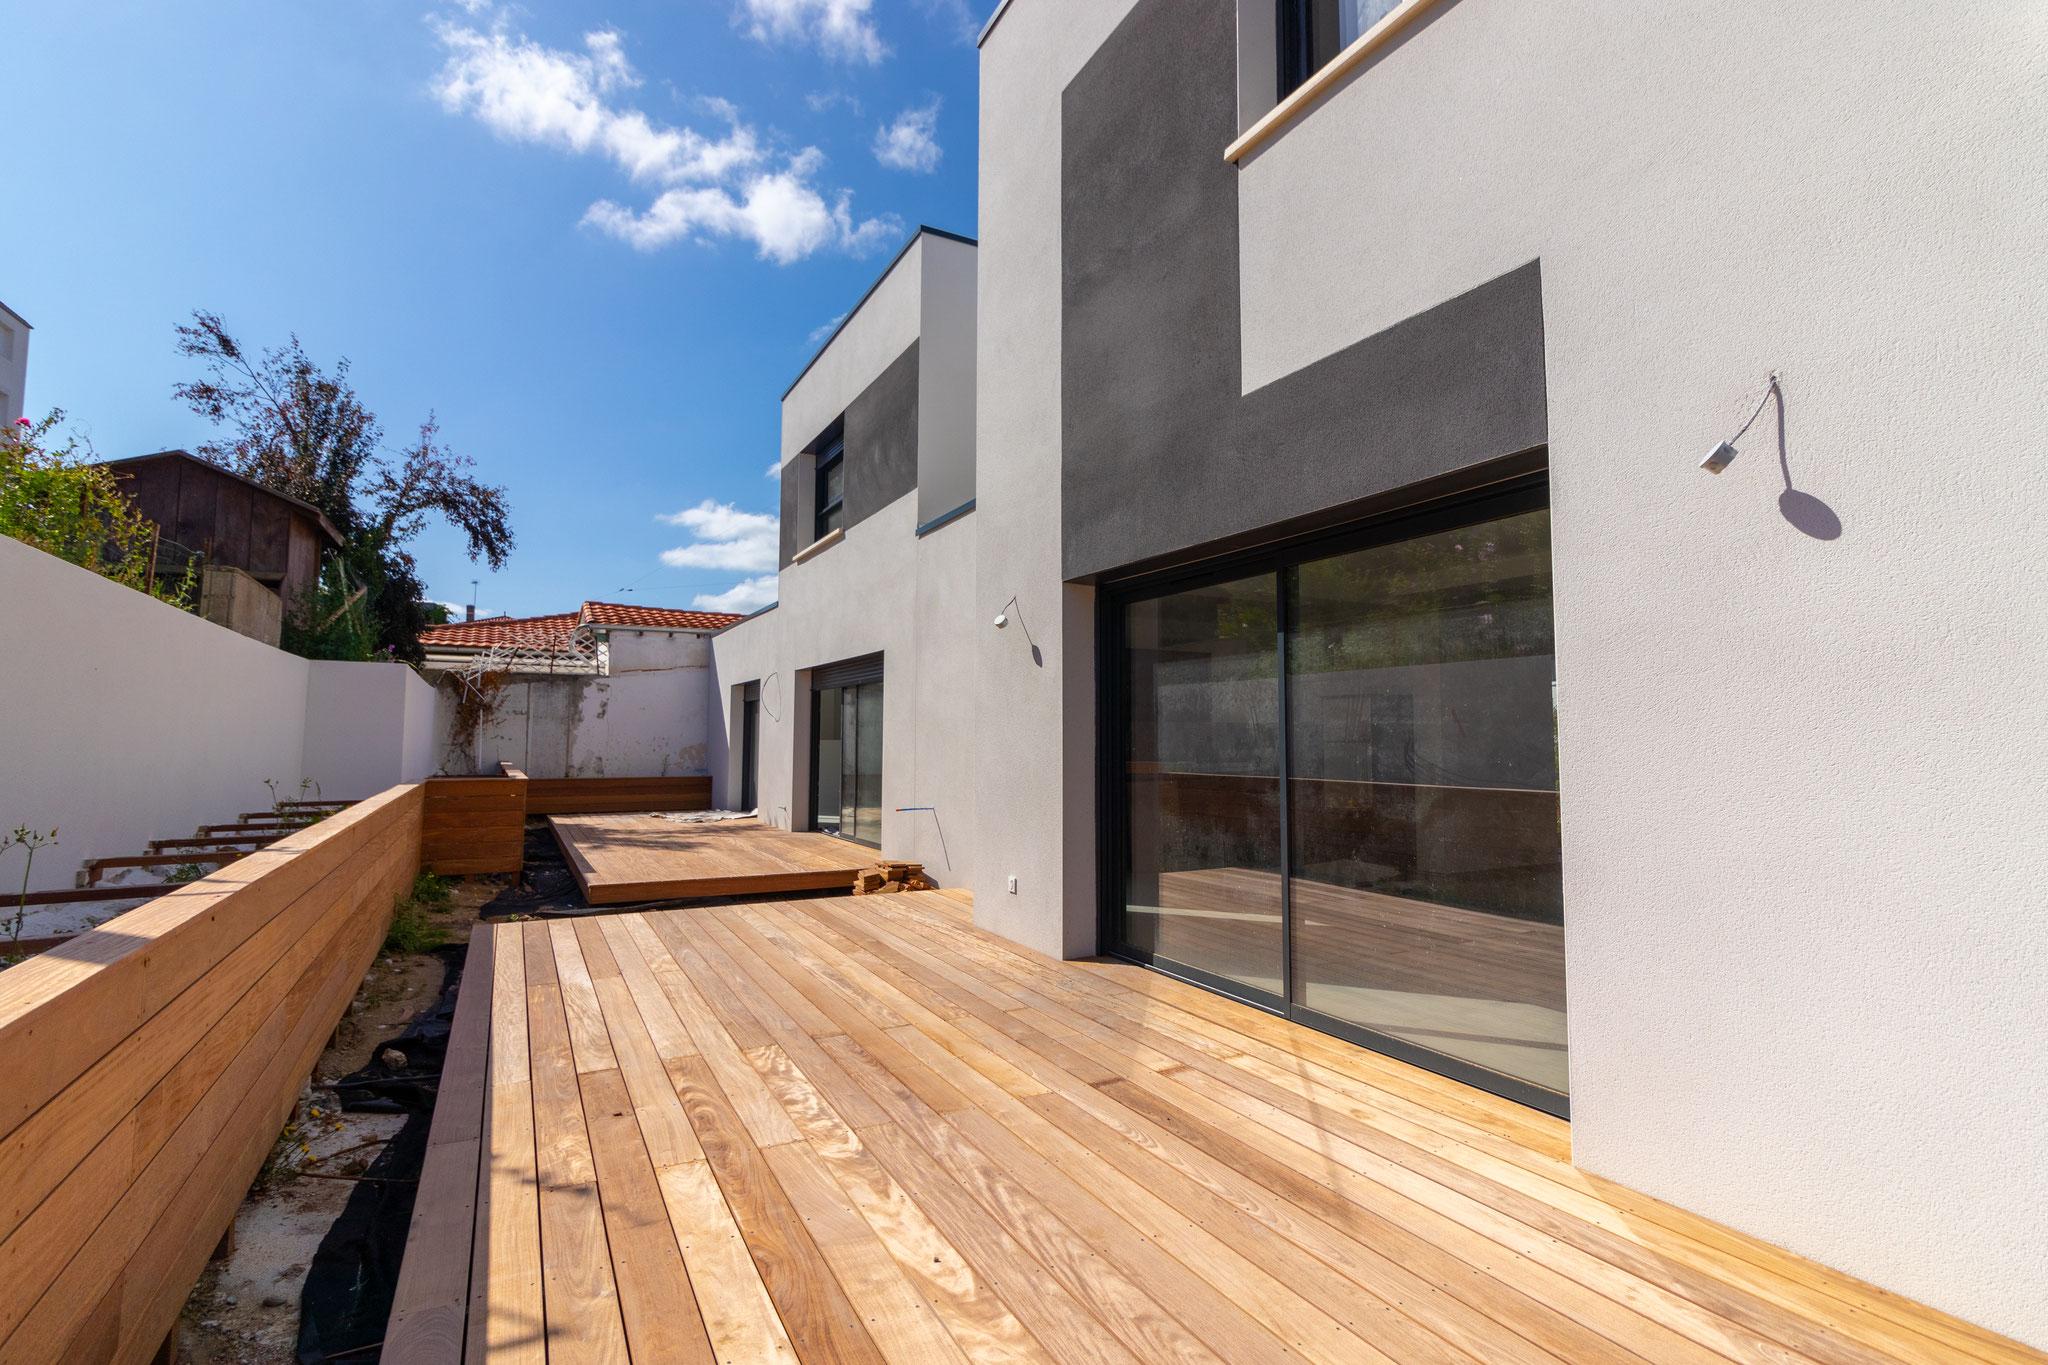 Façades coté jardin / terrasse